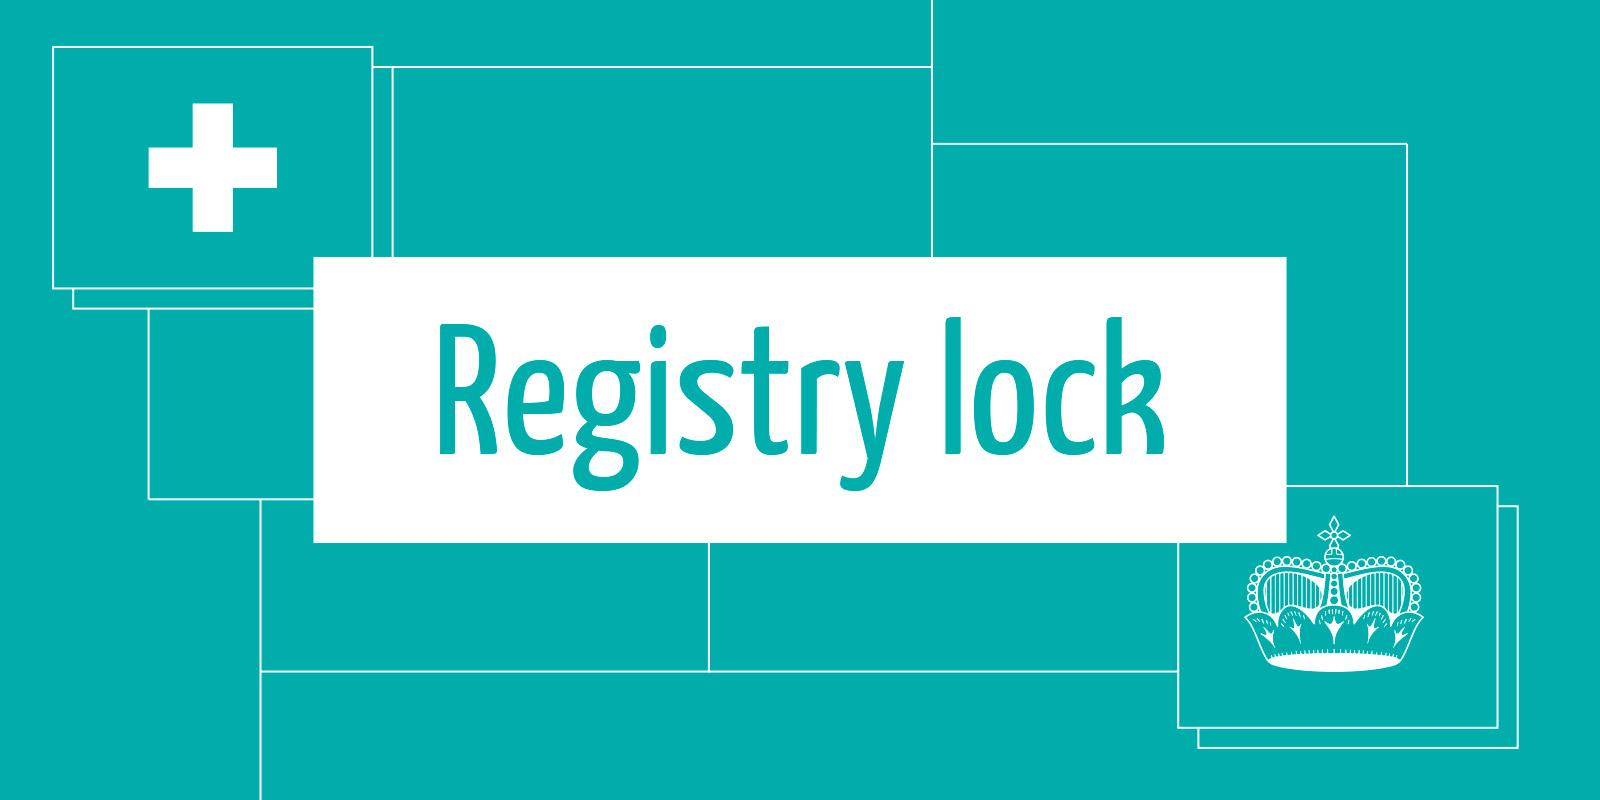 Proteja sus nombres de dominio suizos y liechtensteinianos con Registry Lock